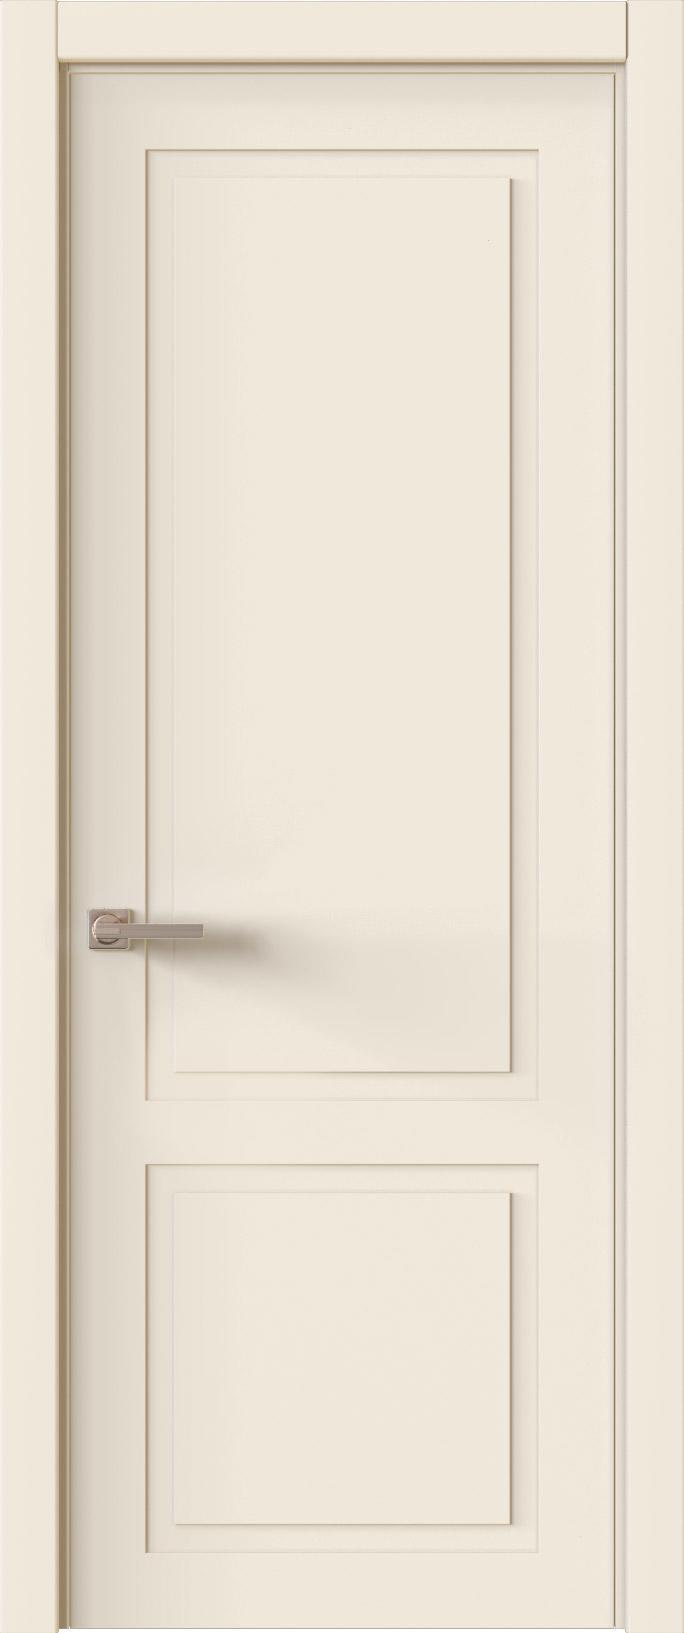 Tivoli И-5 цвет - Бежевая эмаль (RAL 9010) Без стекла (ДГ)